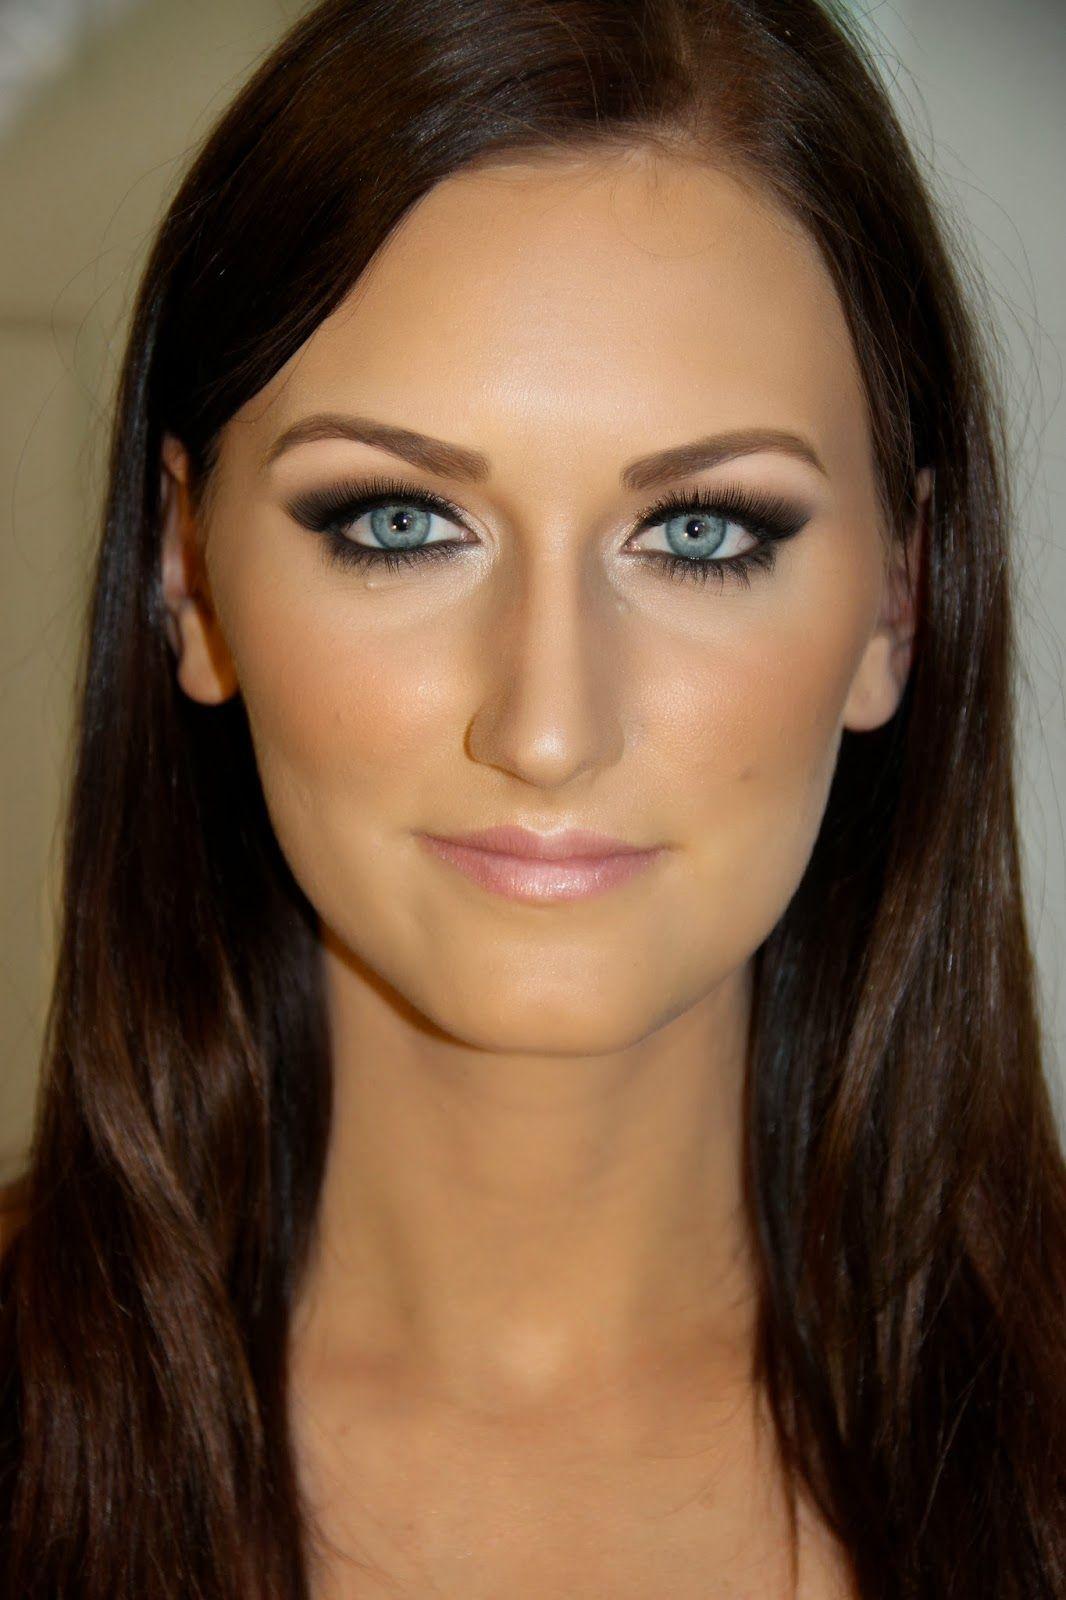 makeup for blue eyes   b e a u t y   m a k e u p   eye liner